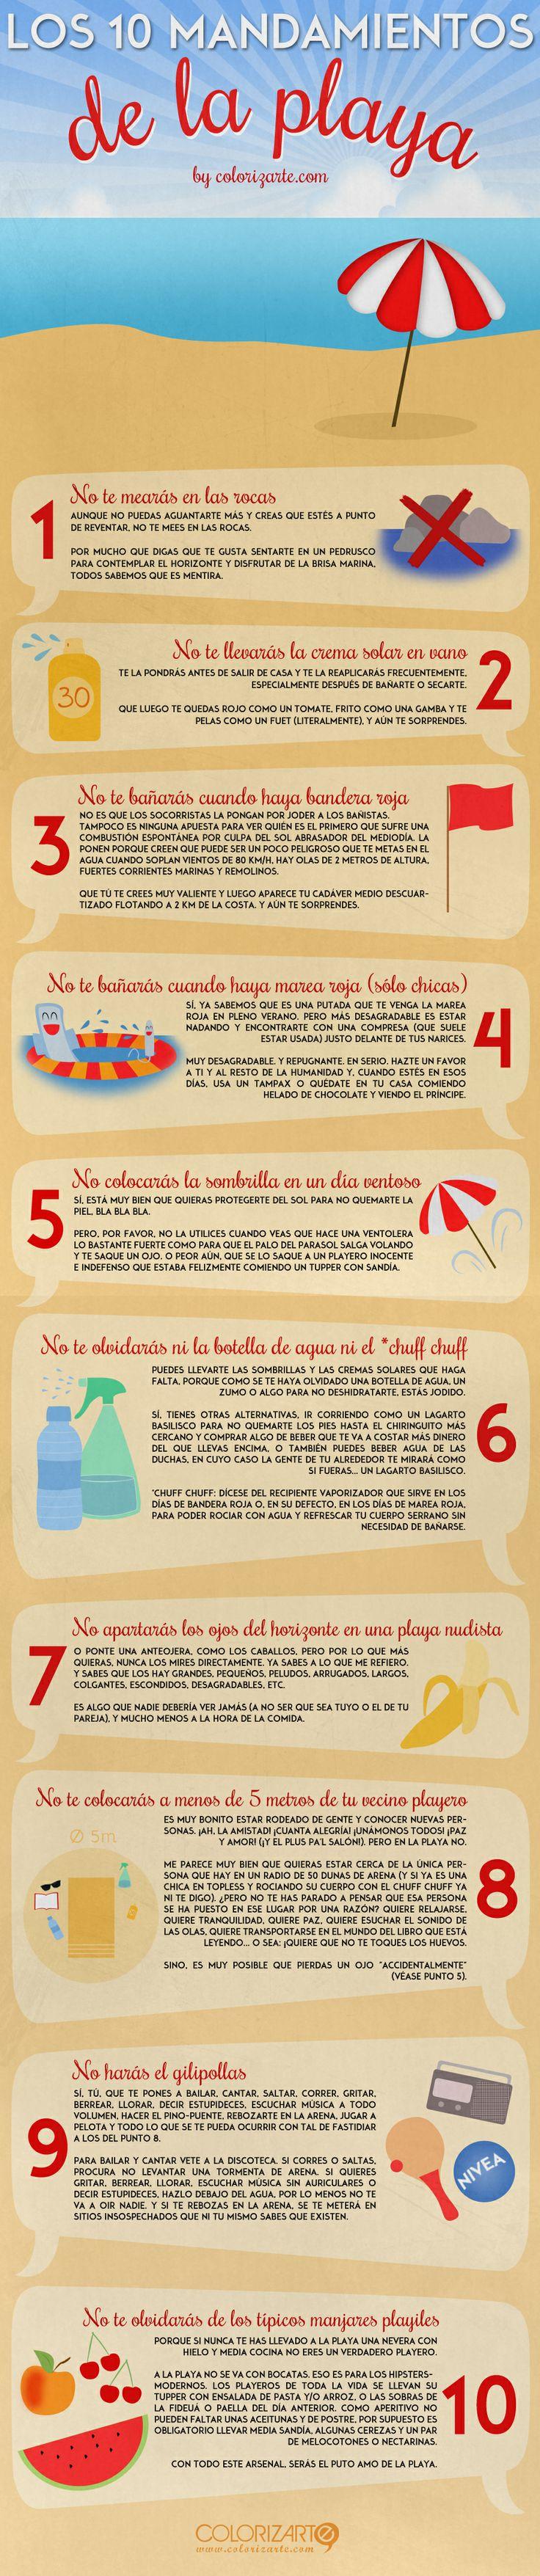 Los 10 mandamientos de la playa